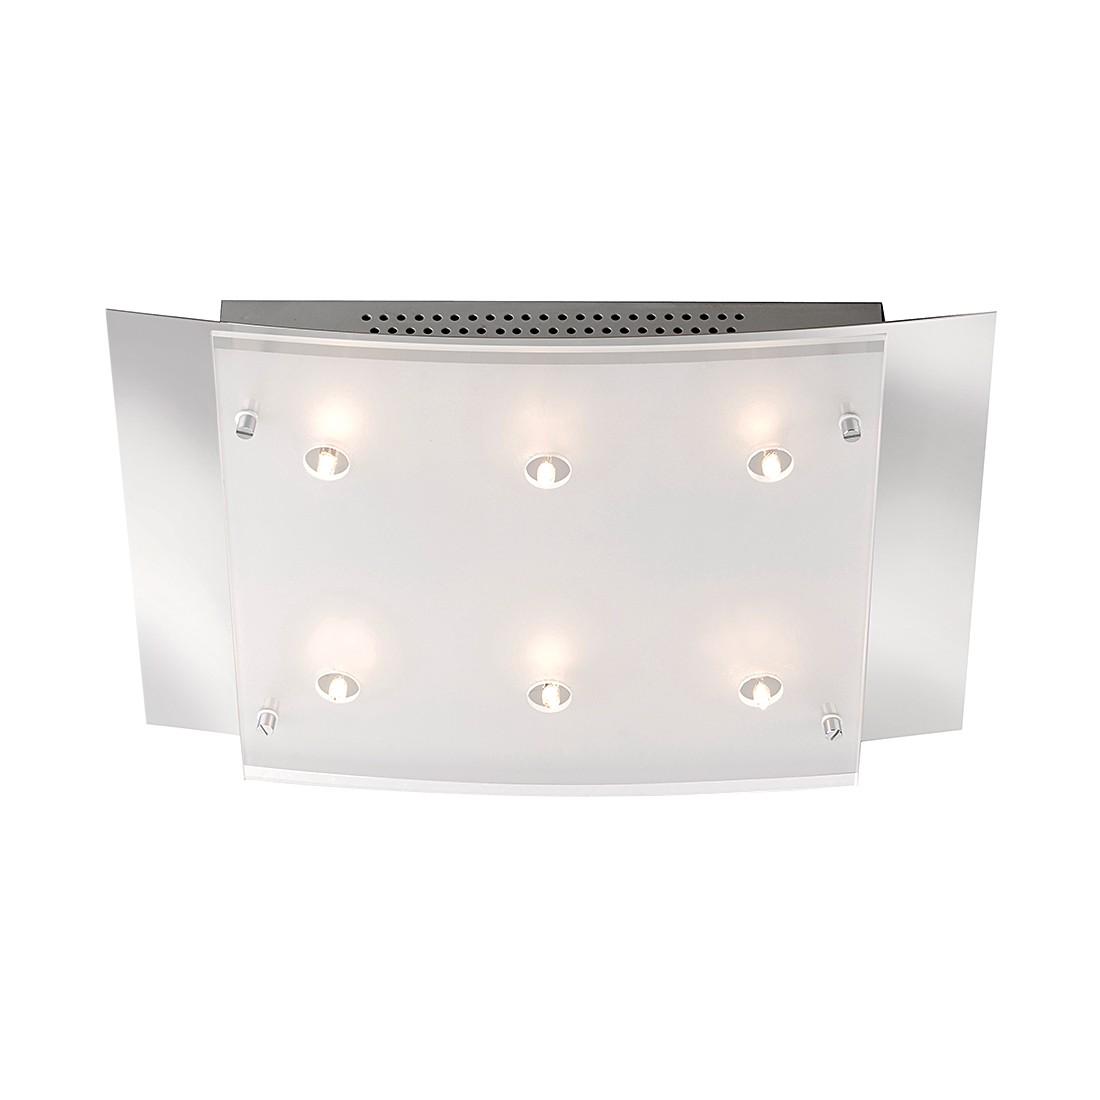 Deckenleuchte Edna II - 6-flammig Spotschiene M6 Licht - Mini - Nickel - 3-flammig, Fischer Leuchten